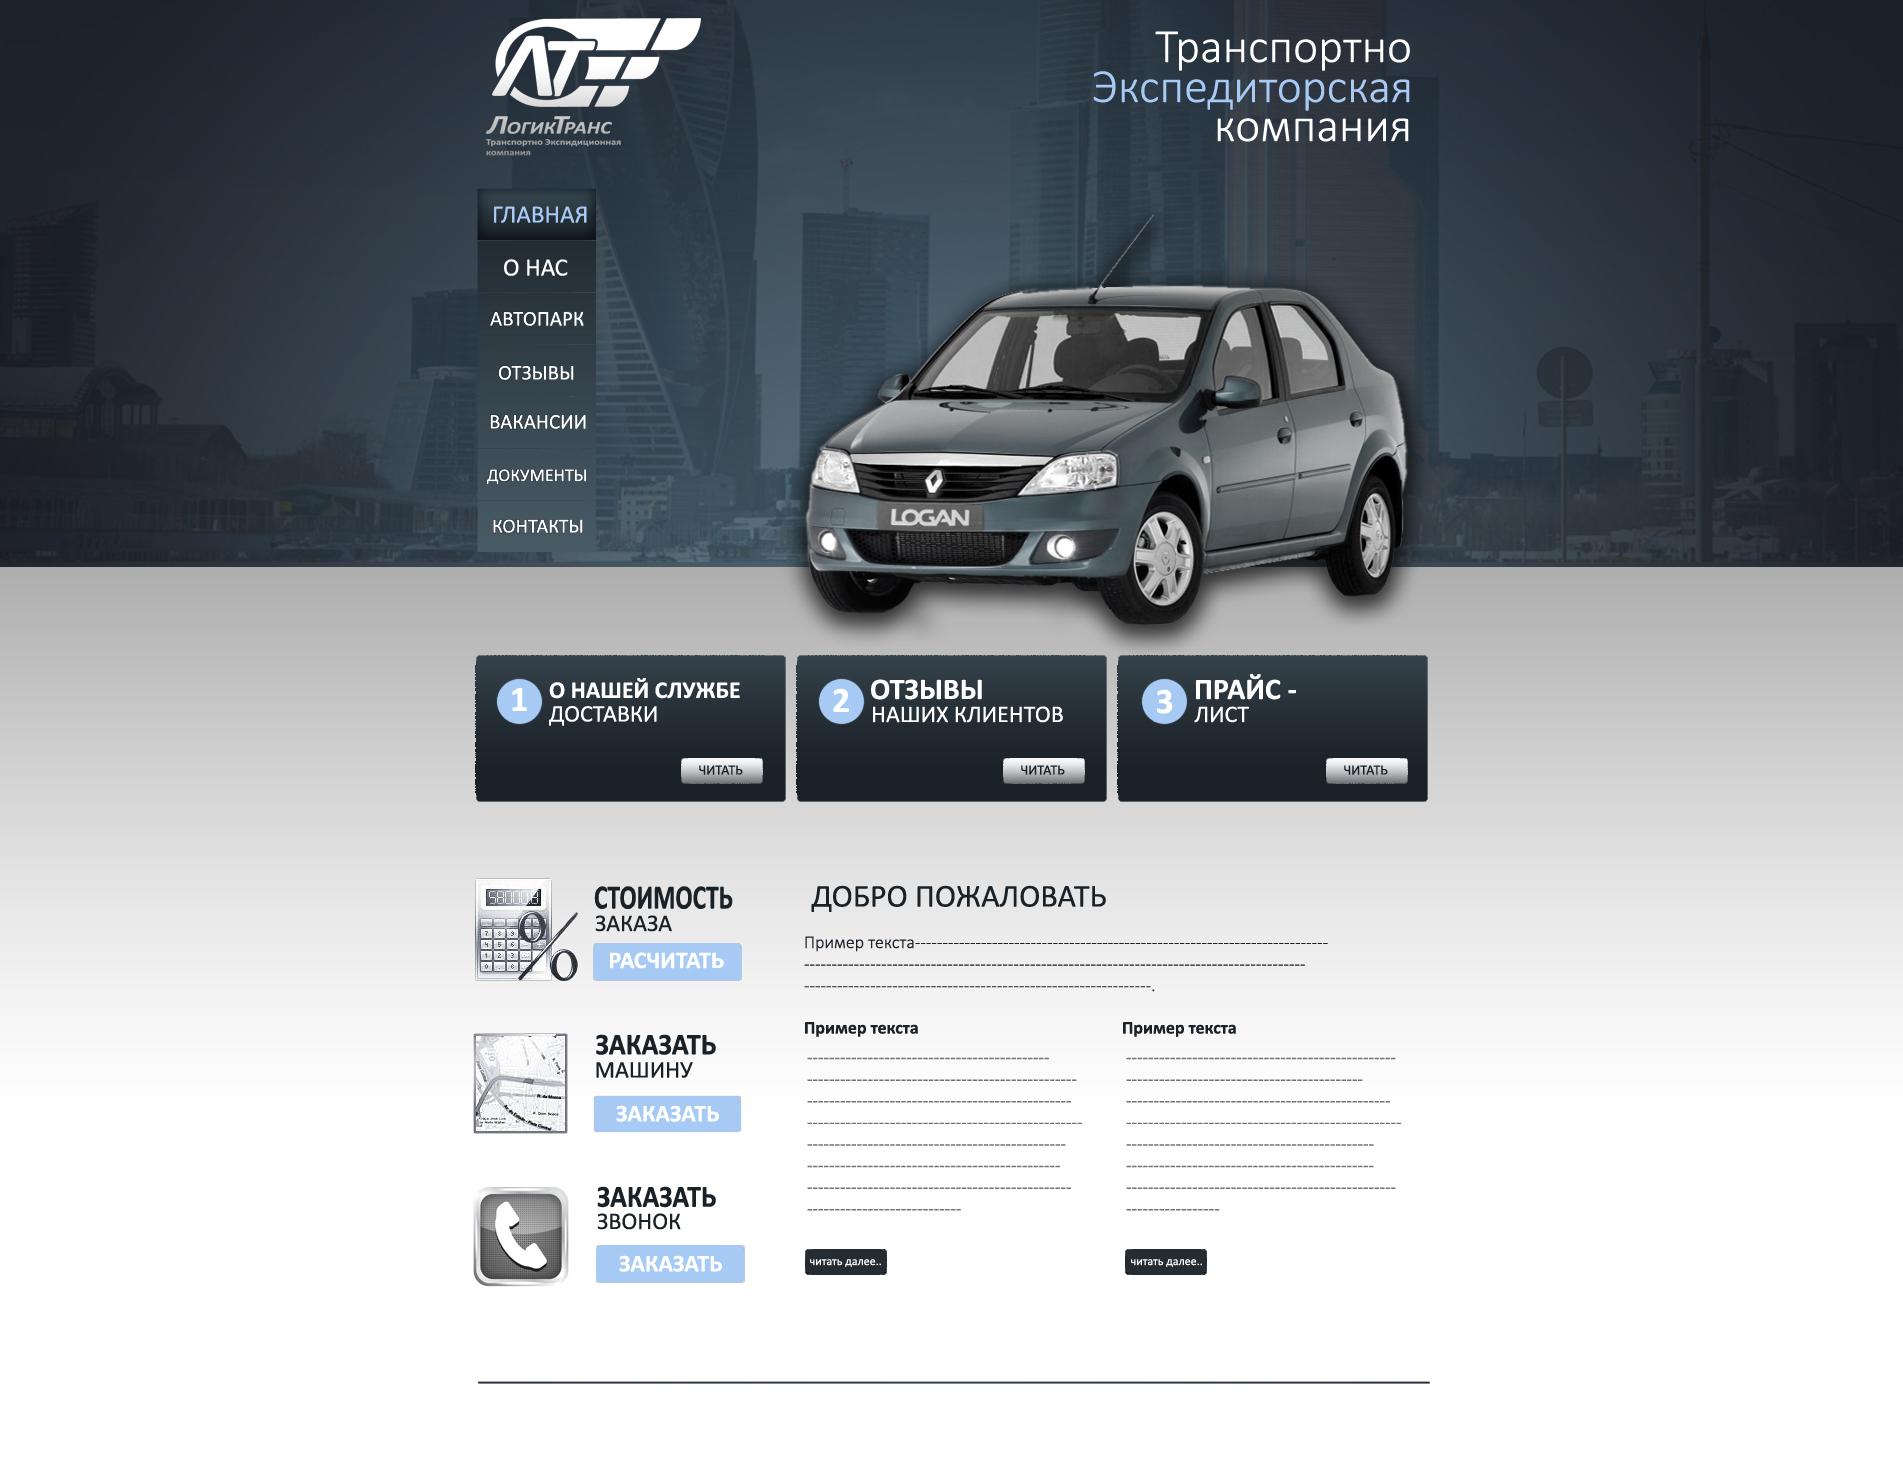 Дизайн сайта транспортно-экспедиторской компании ЛогикТранс фото f_4225a4792f59e918.jpg